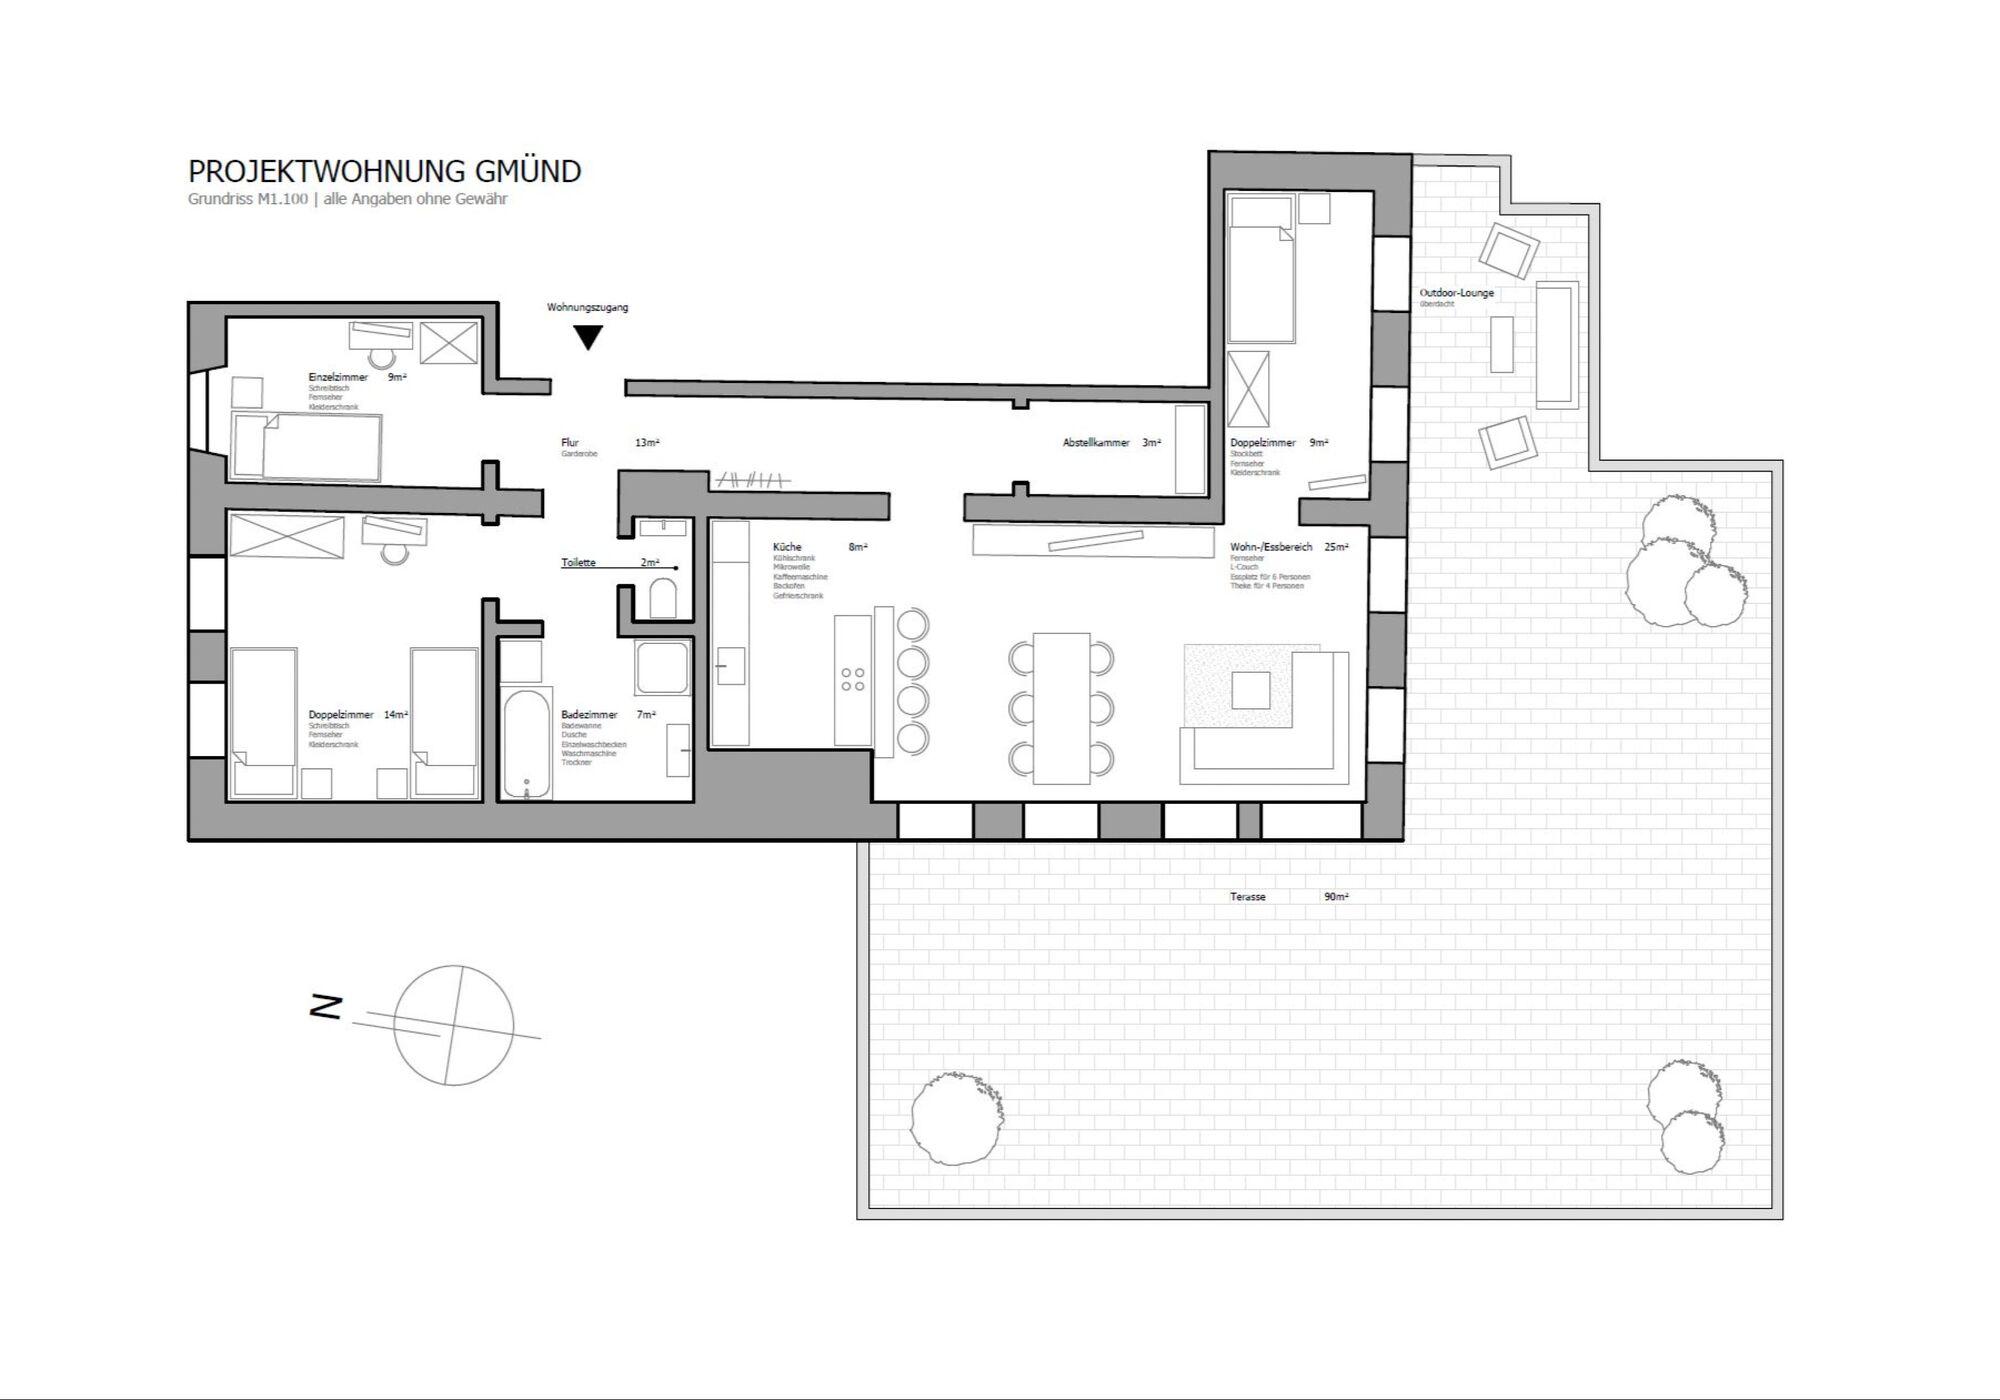 Projektwohnung Schwäbisch Gmünd, Monteurzimmer in